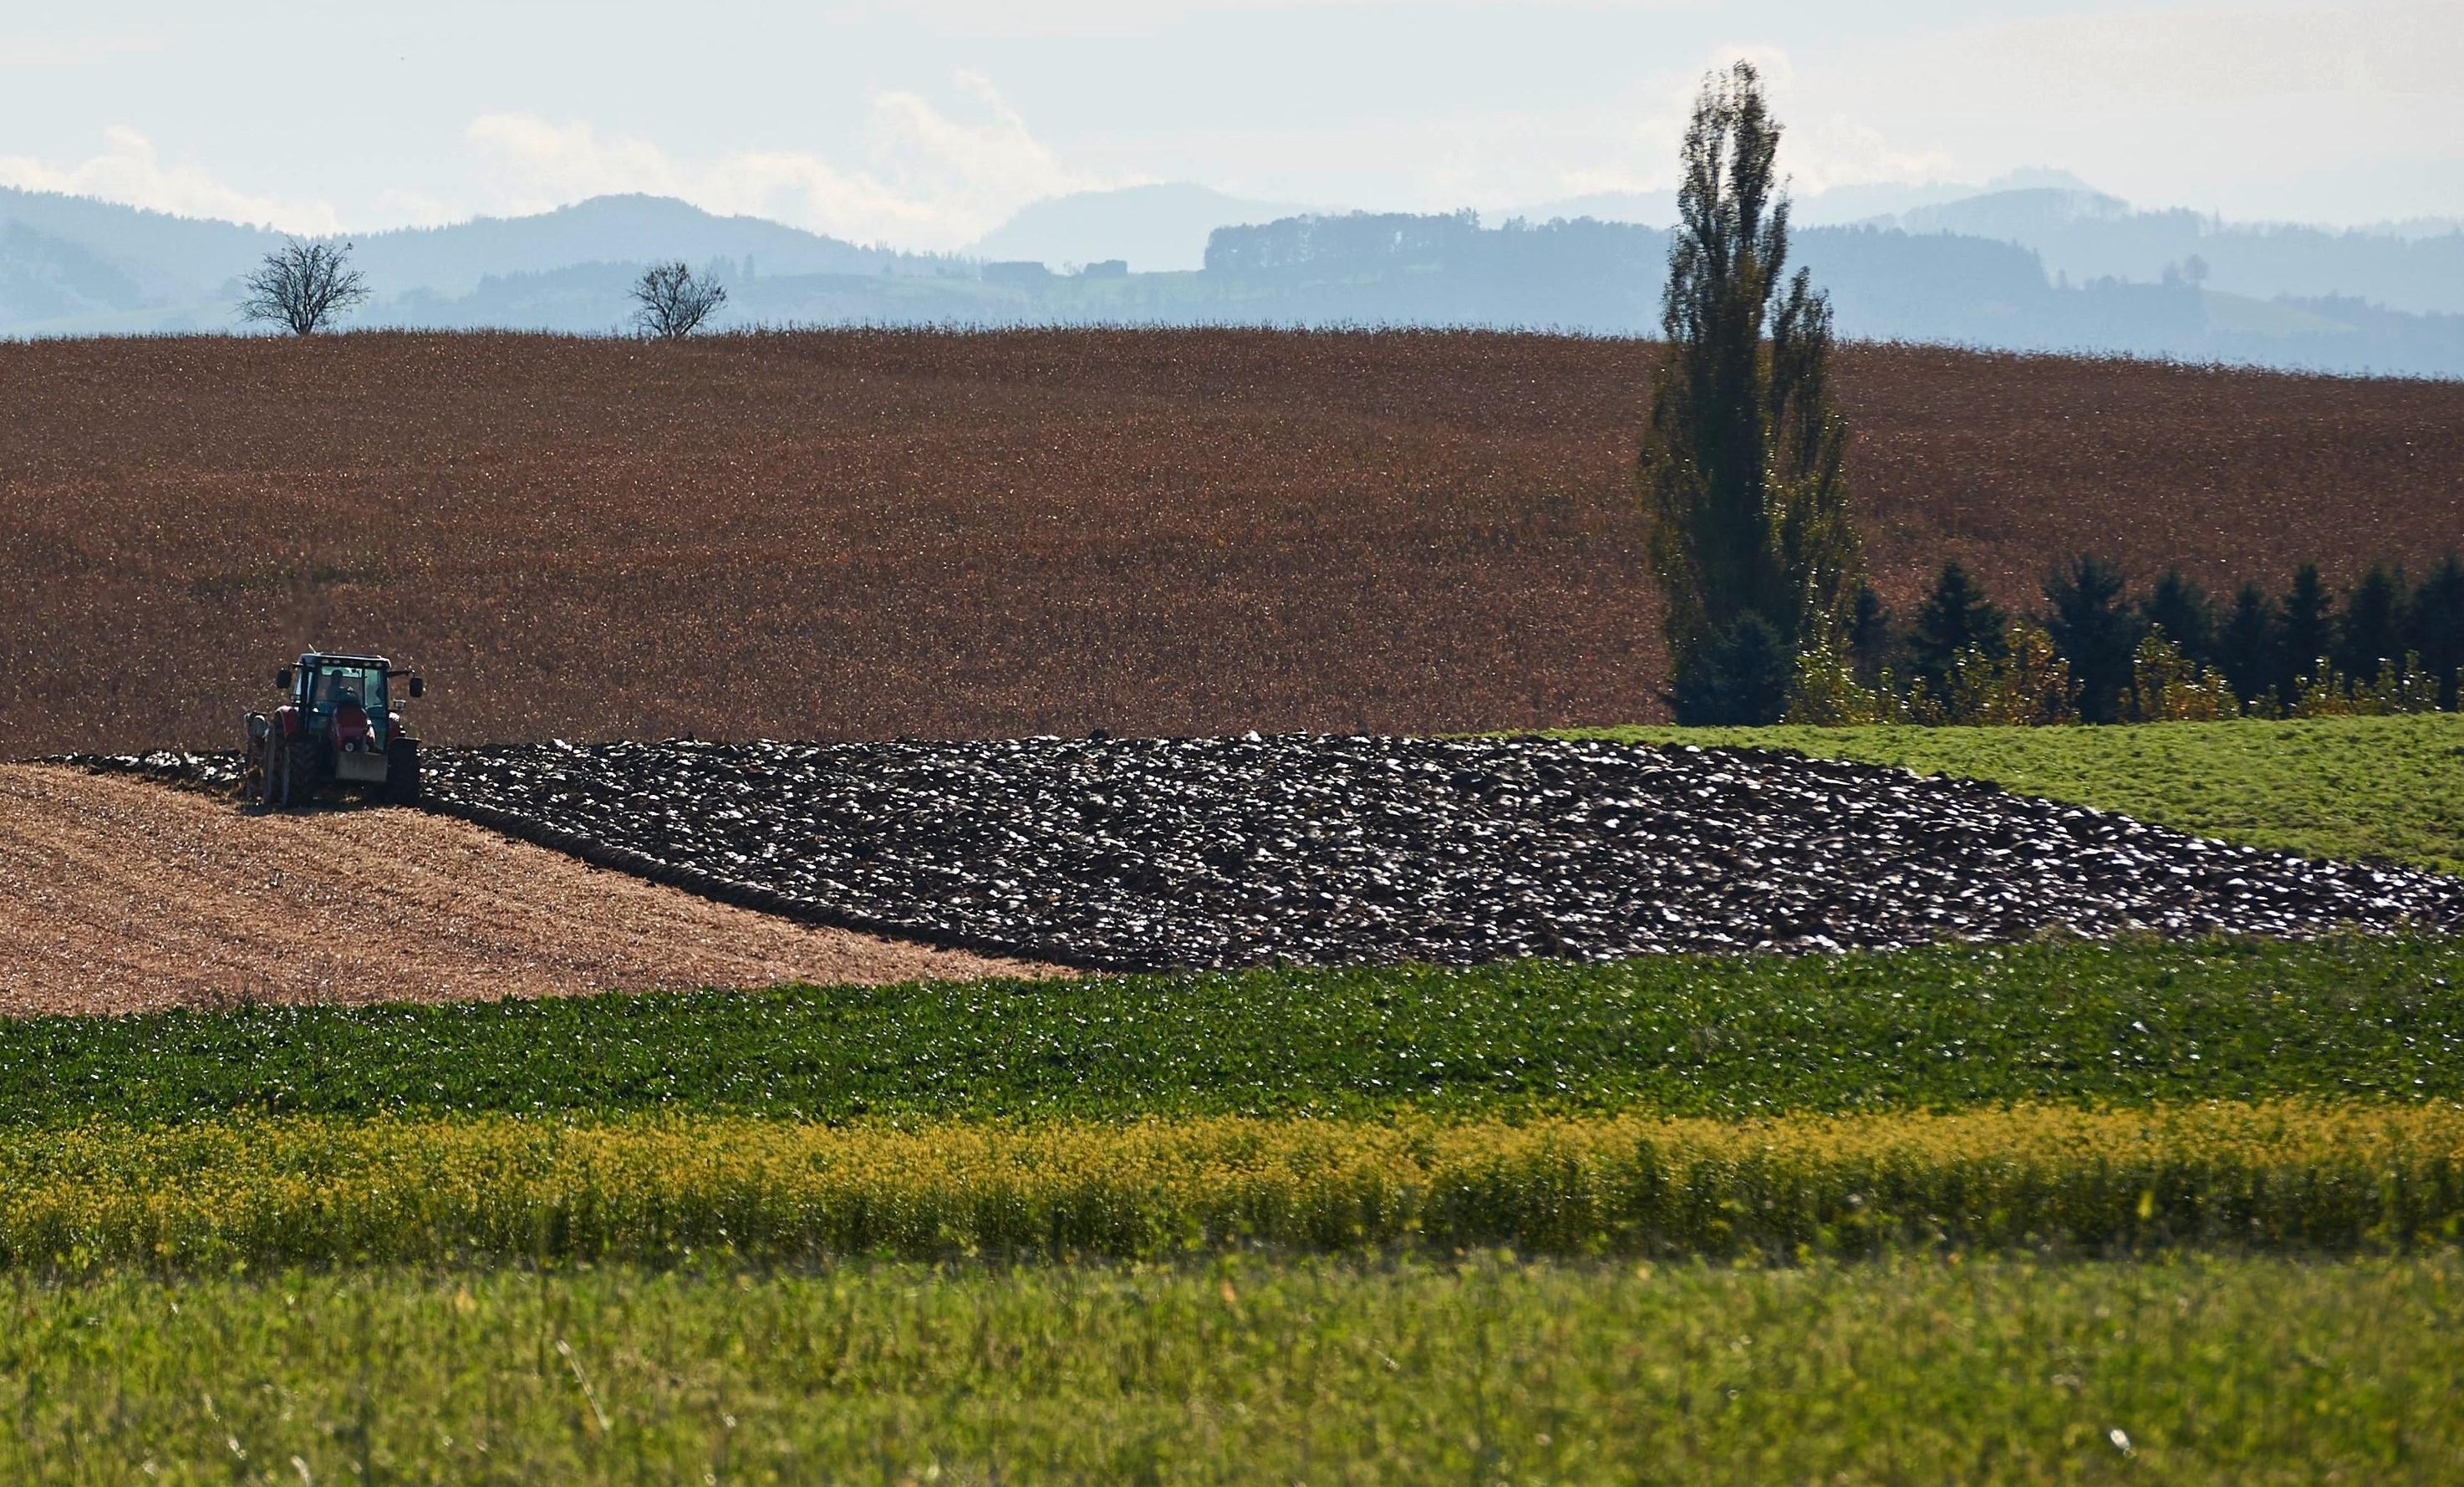 Ackerbaulandschaft mit Traktor